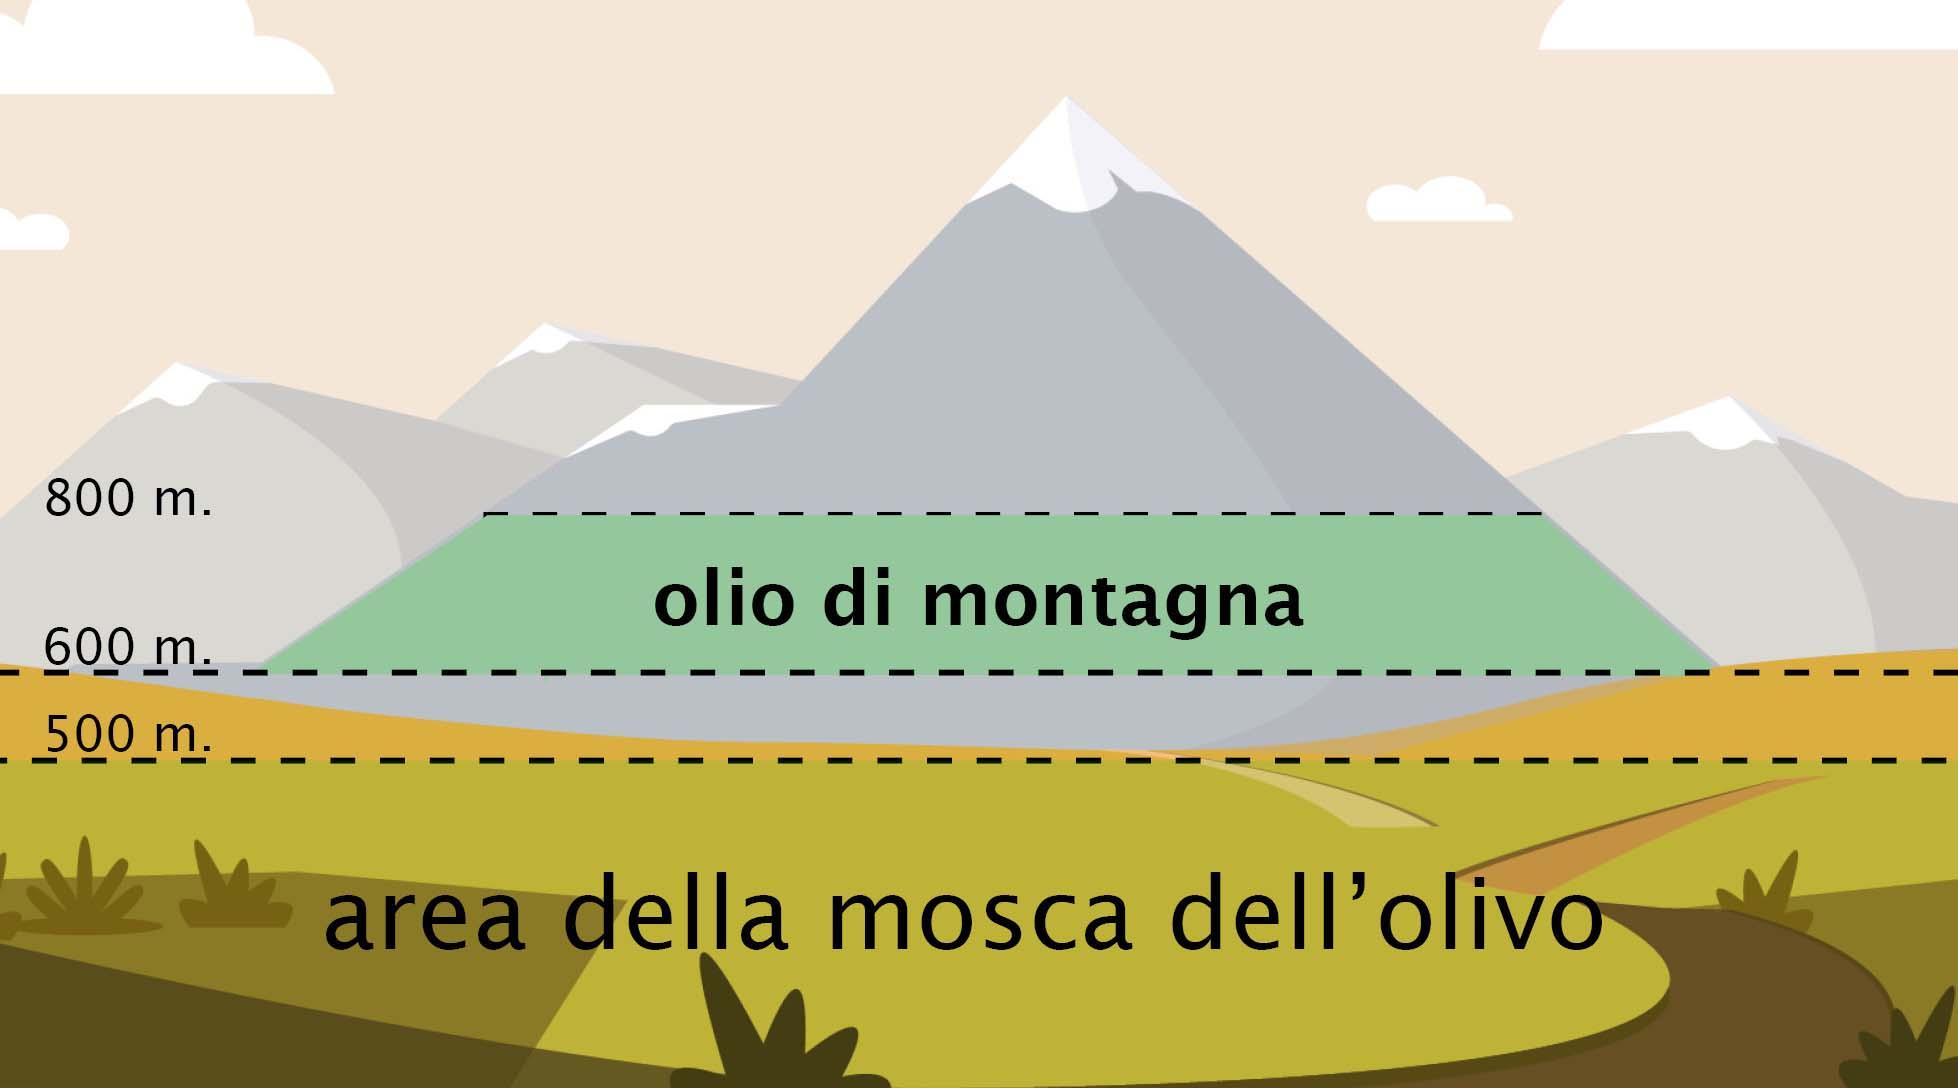 Grafico che mostra l'areale di coltivazione degli ulivi destinati alla produzione dell'olio extravergine di montagna